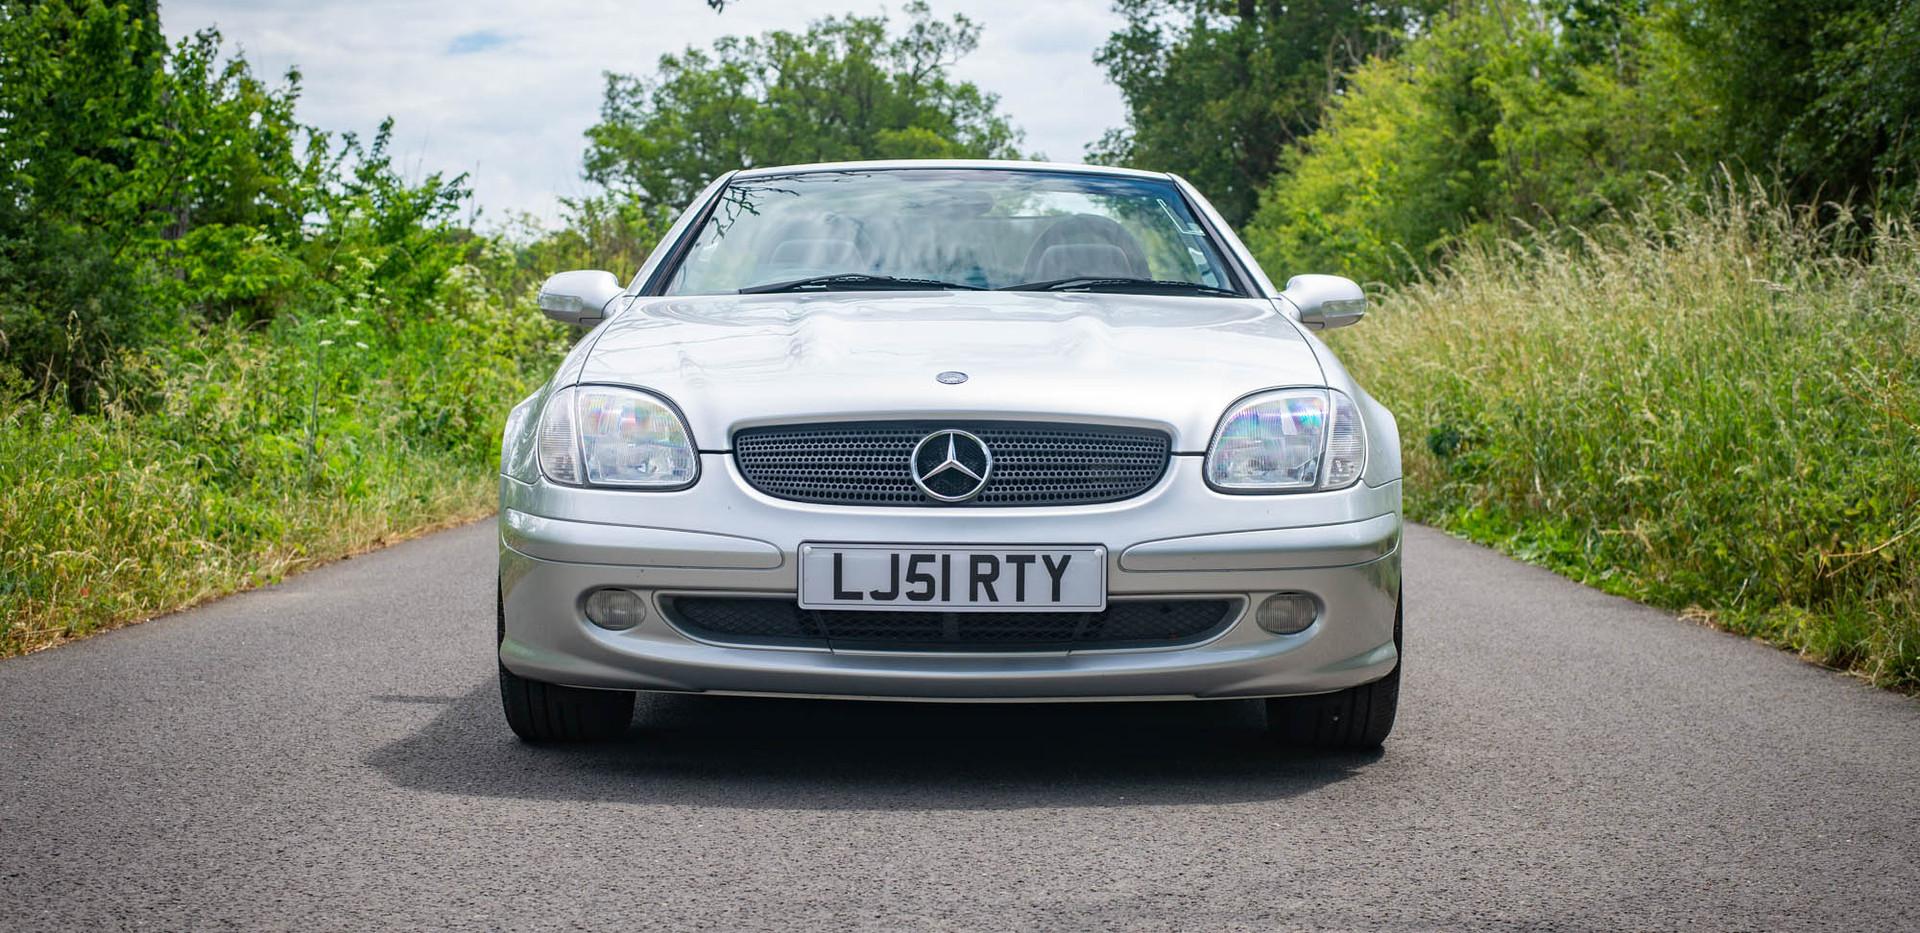 R170 SLK 230 Silver LJ51 RTY For sale-2.